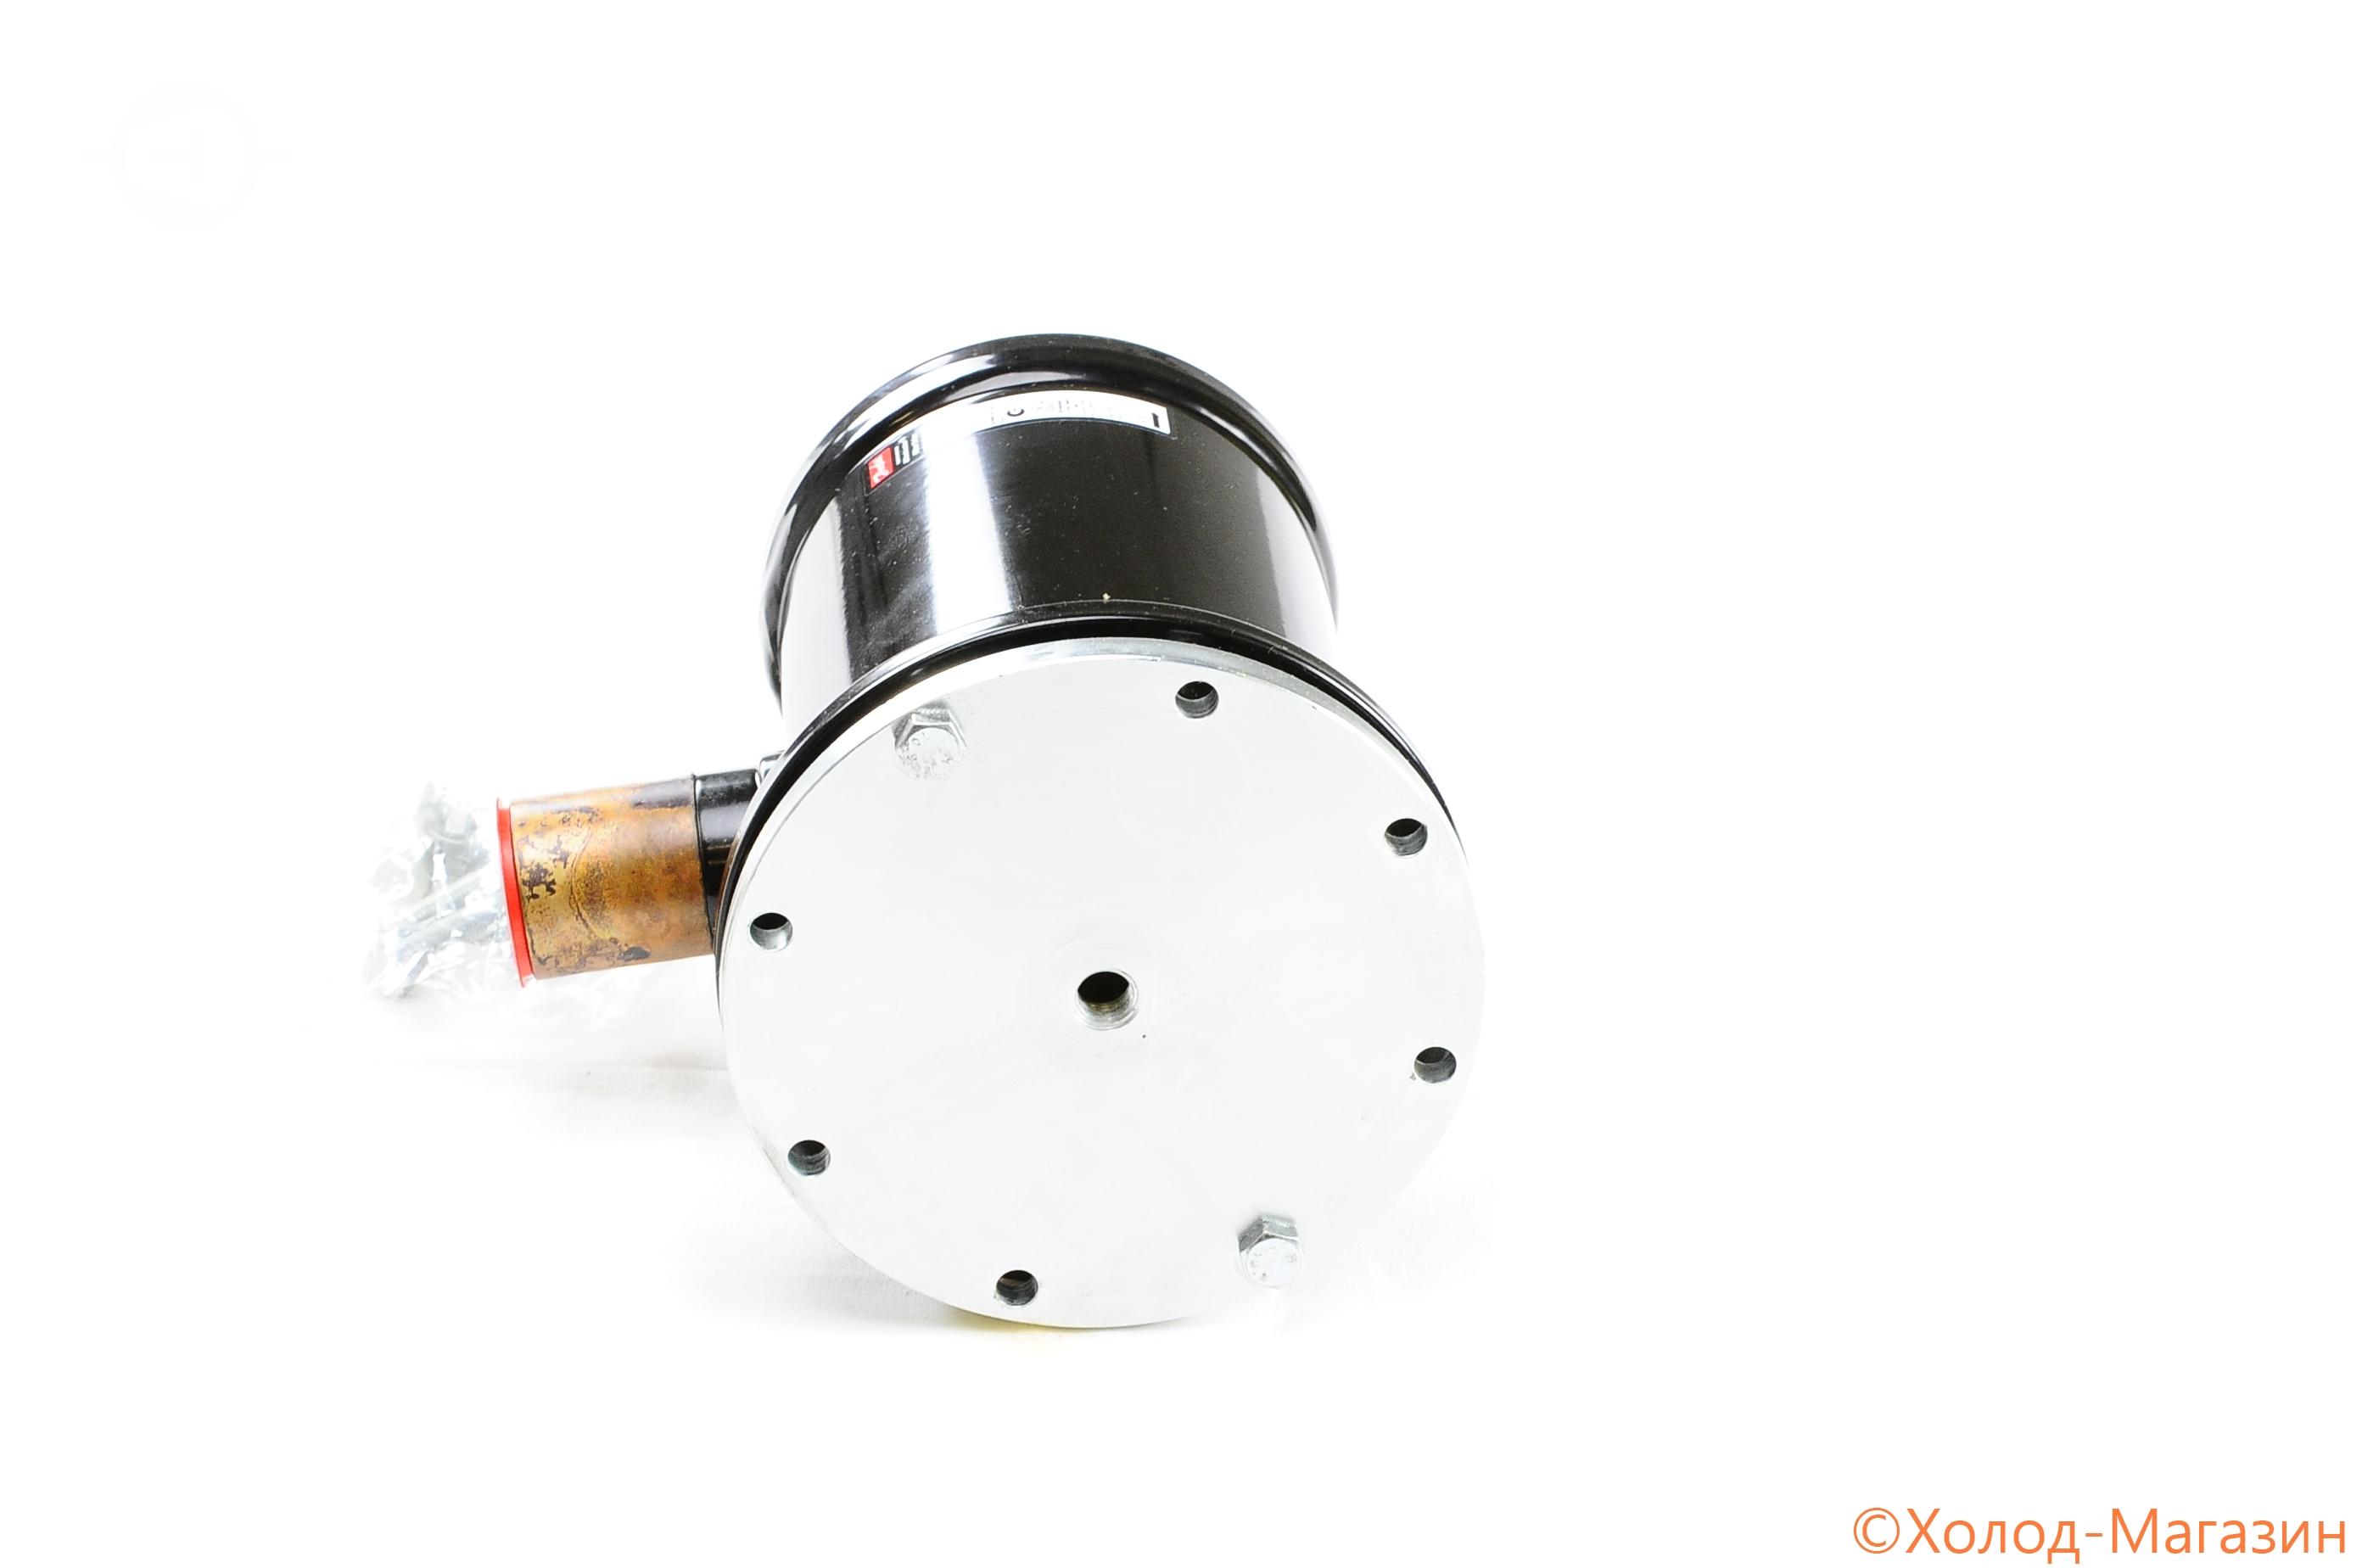 """Фильтр разборный DCR D35 (1 3/8"""") 48-1 04811s, Danfoss"""